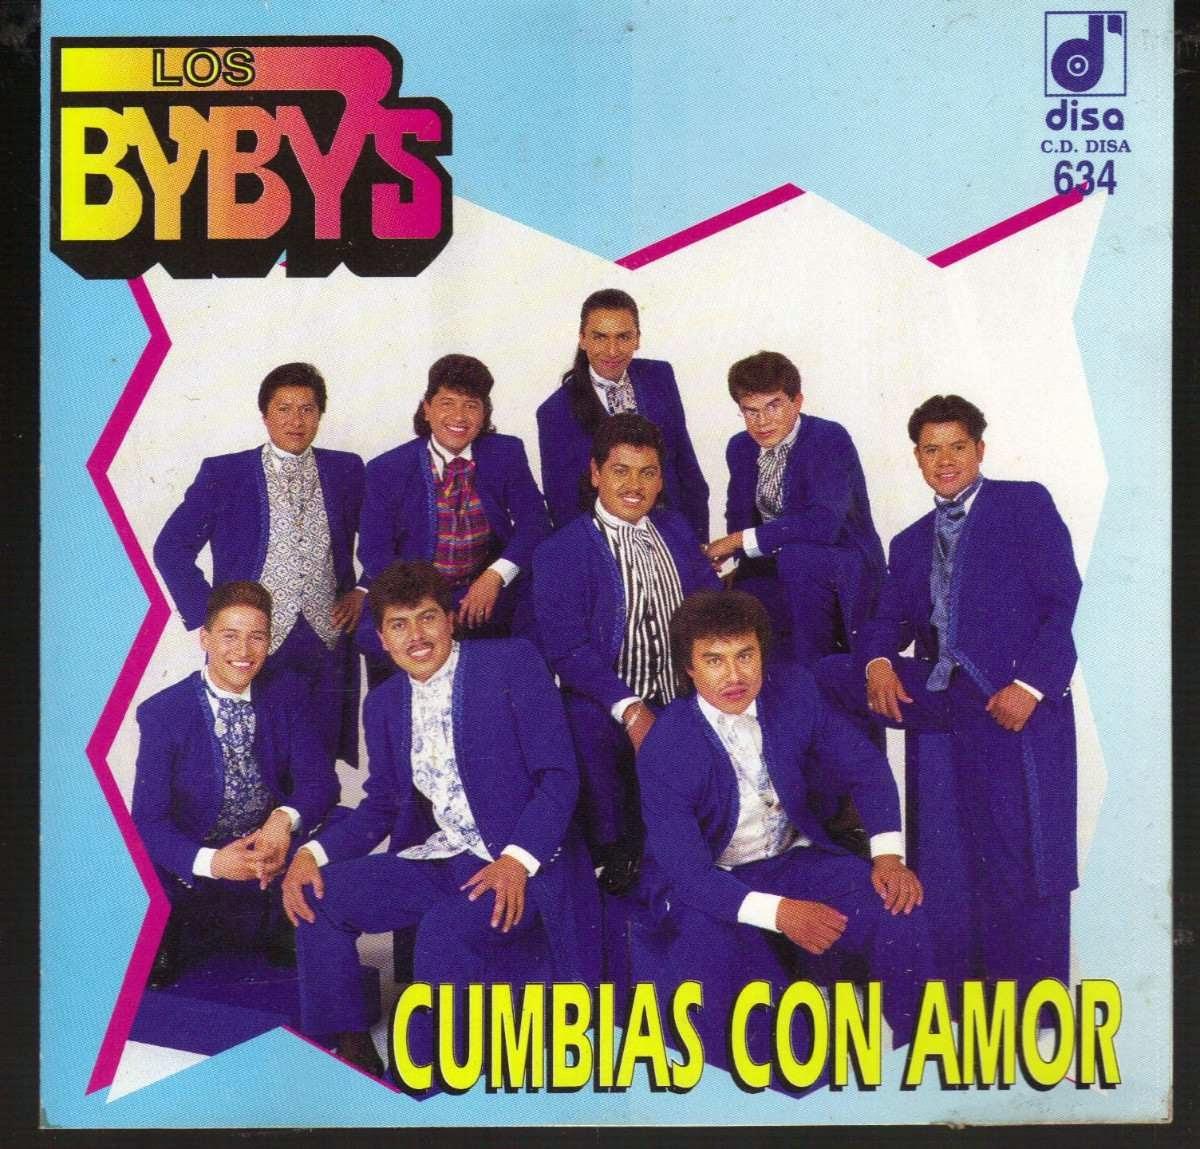 Descargar Mp3 de No Llores Mas Los Bybys gratis - 3:42